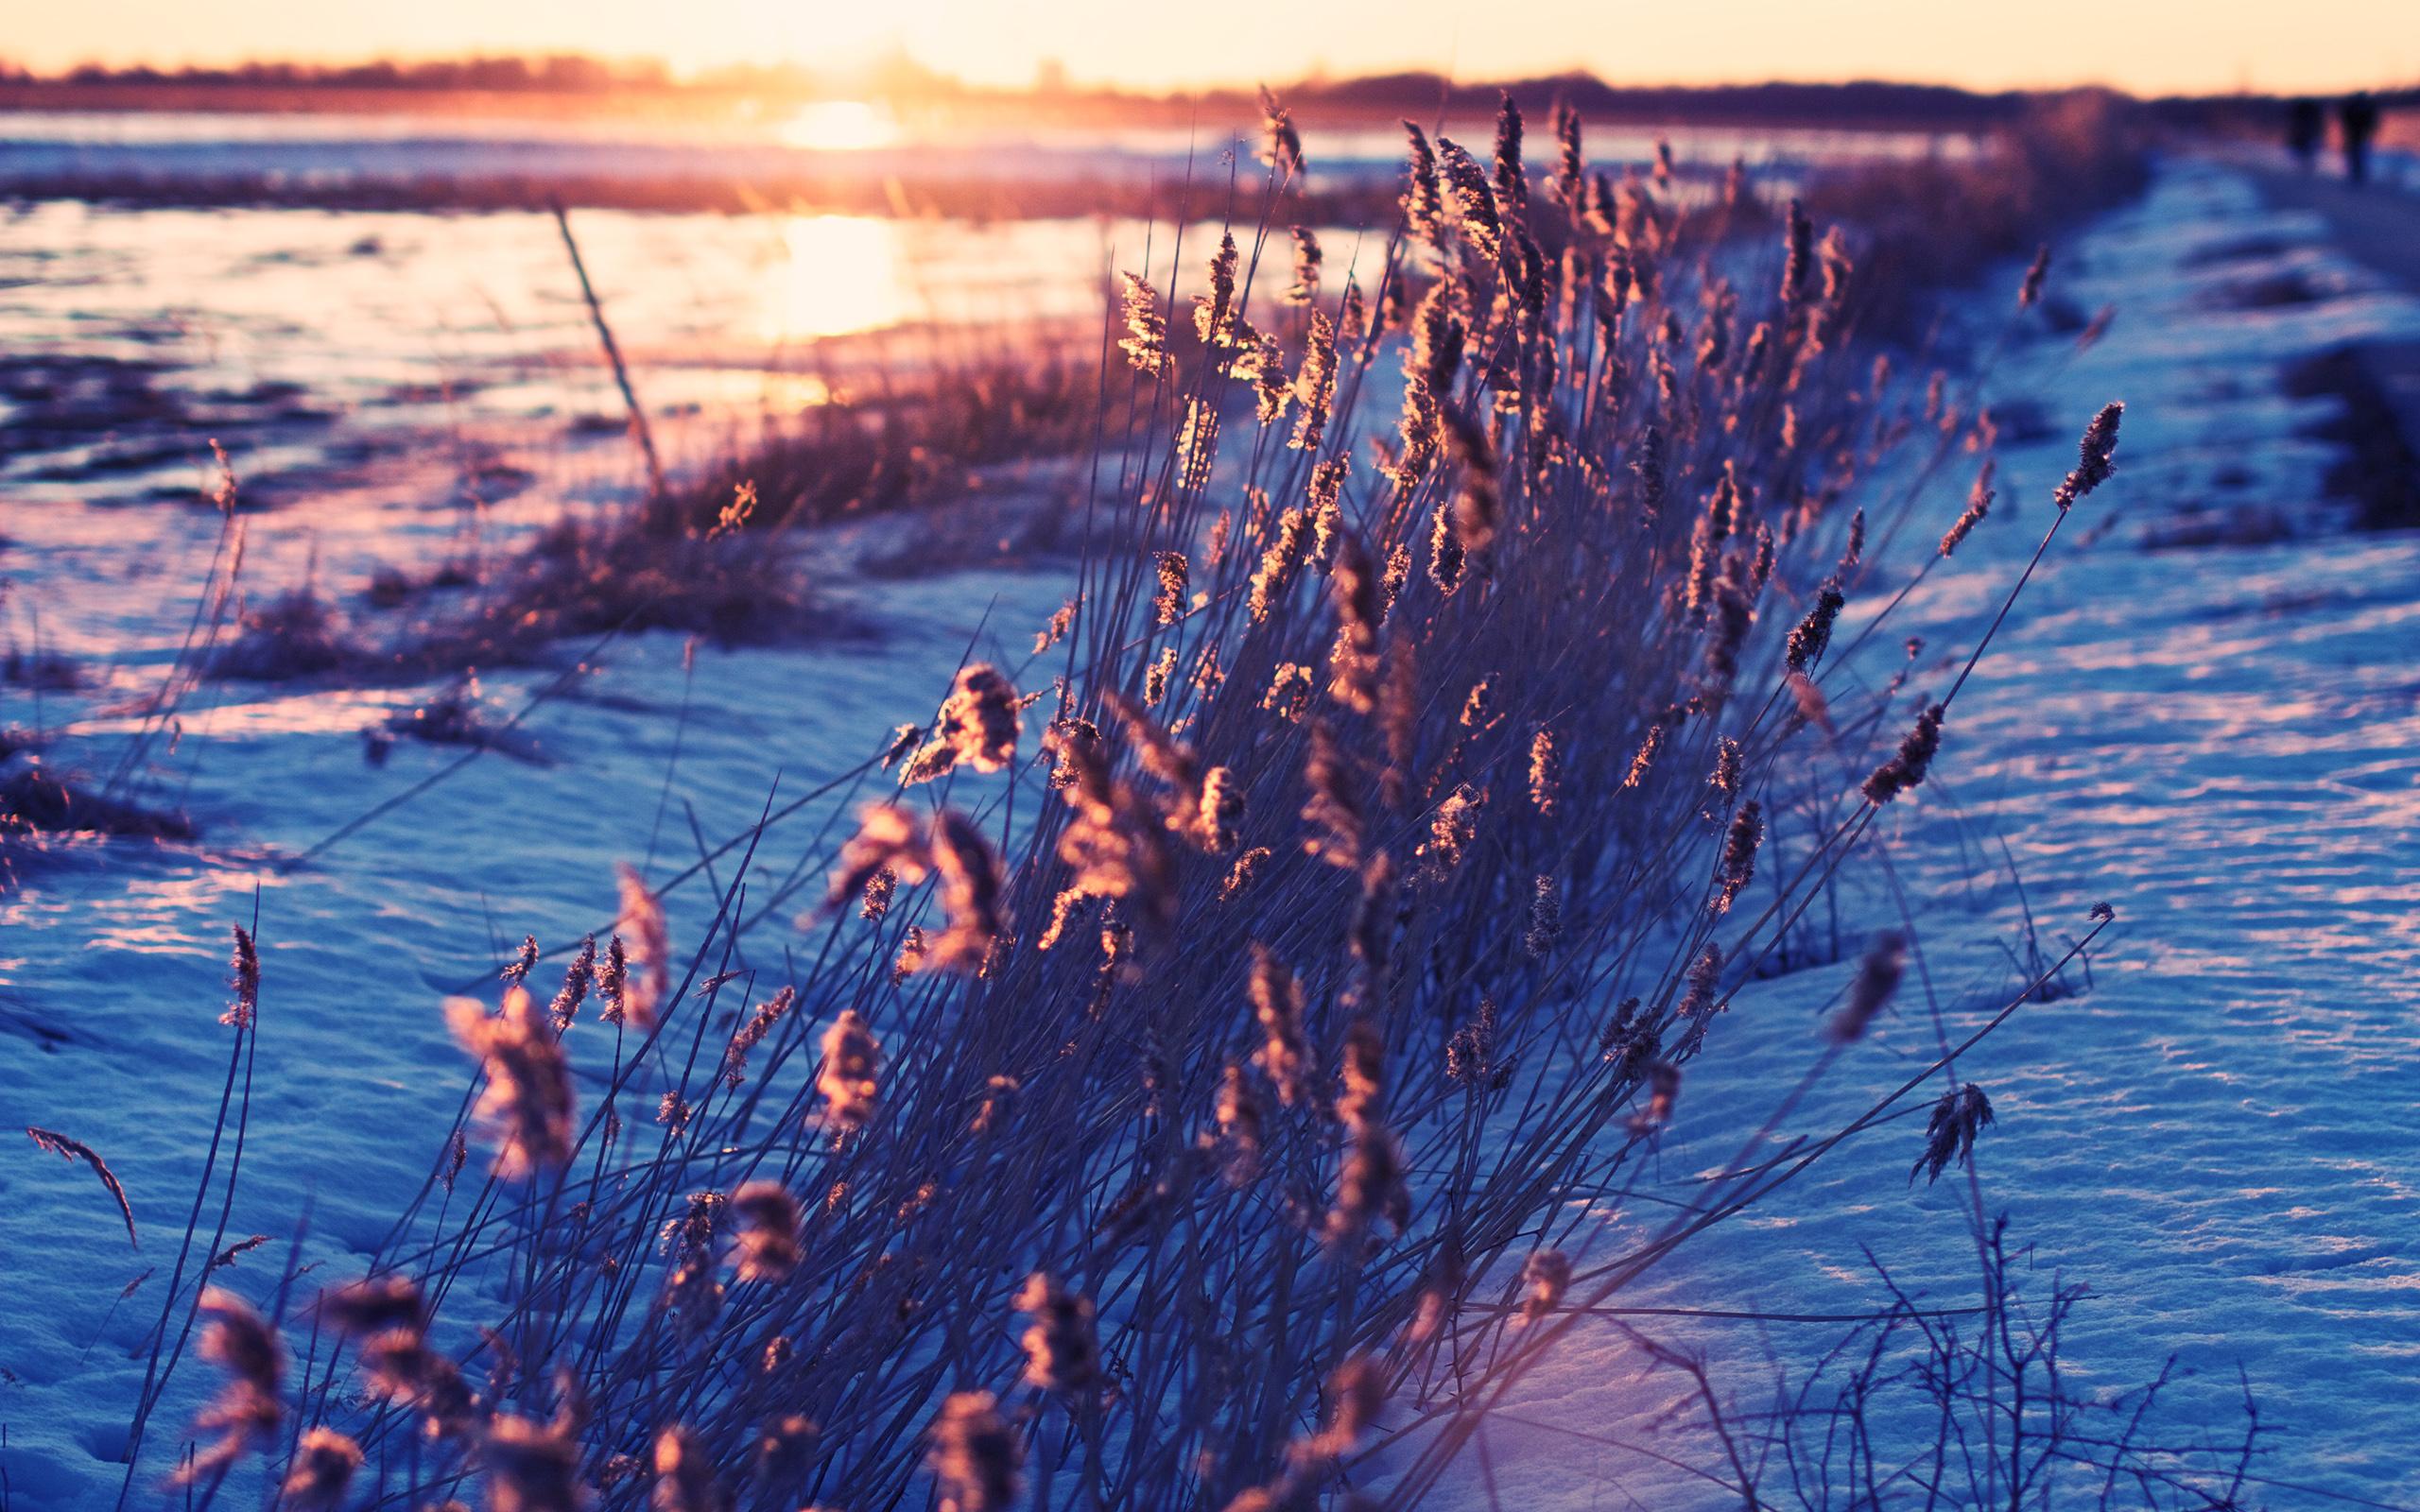 冰雪世界唯美壁纸图片-风景-壁纸-星观美图